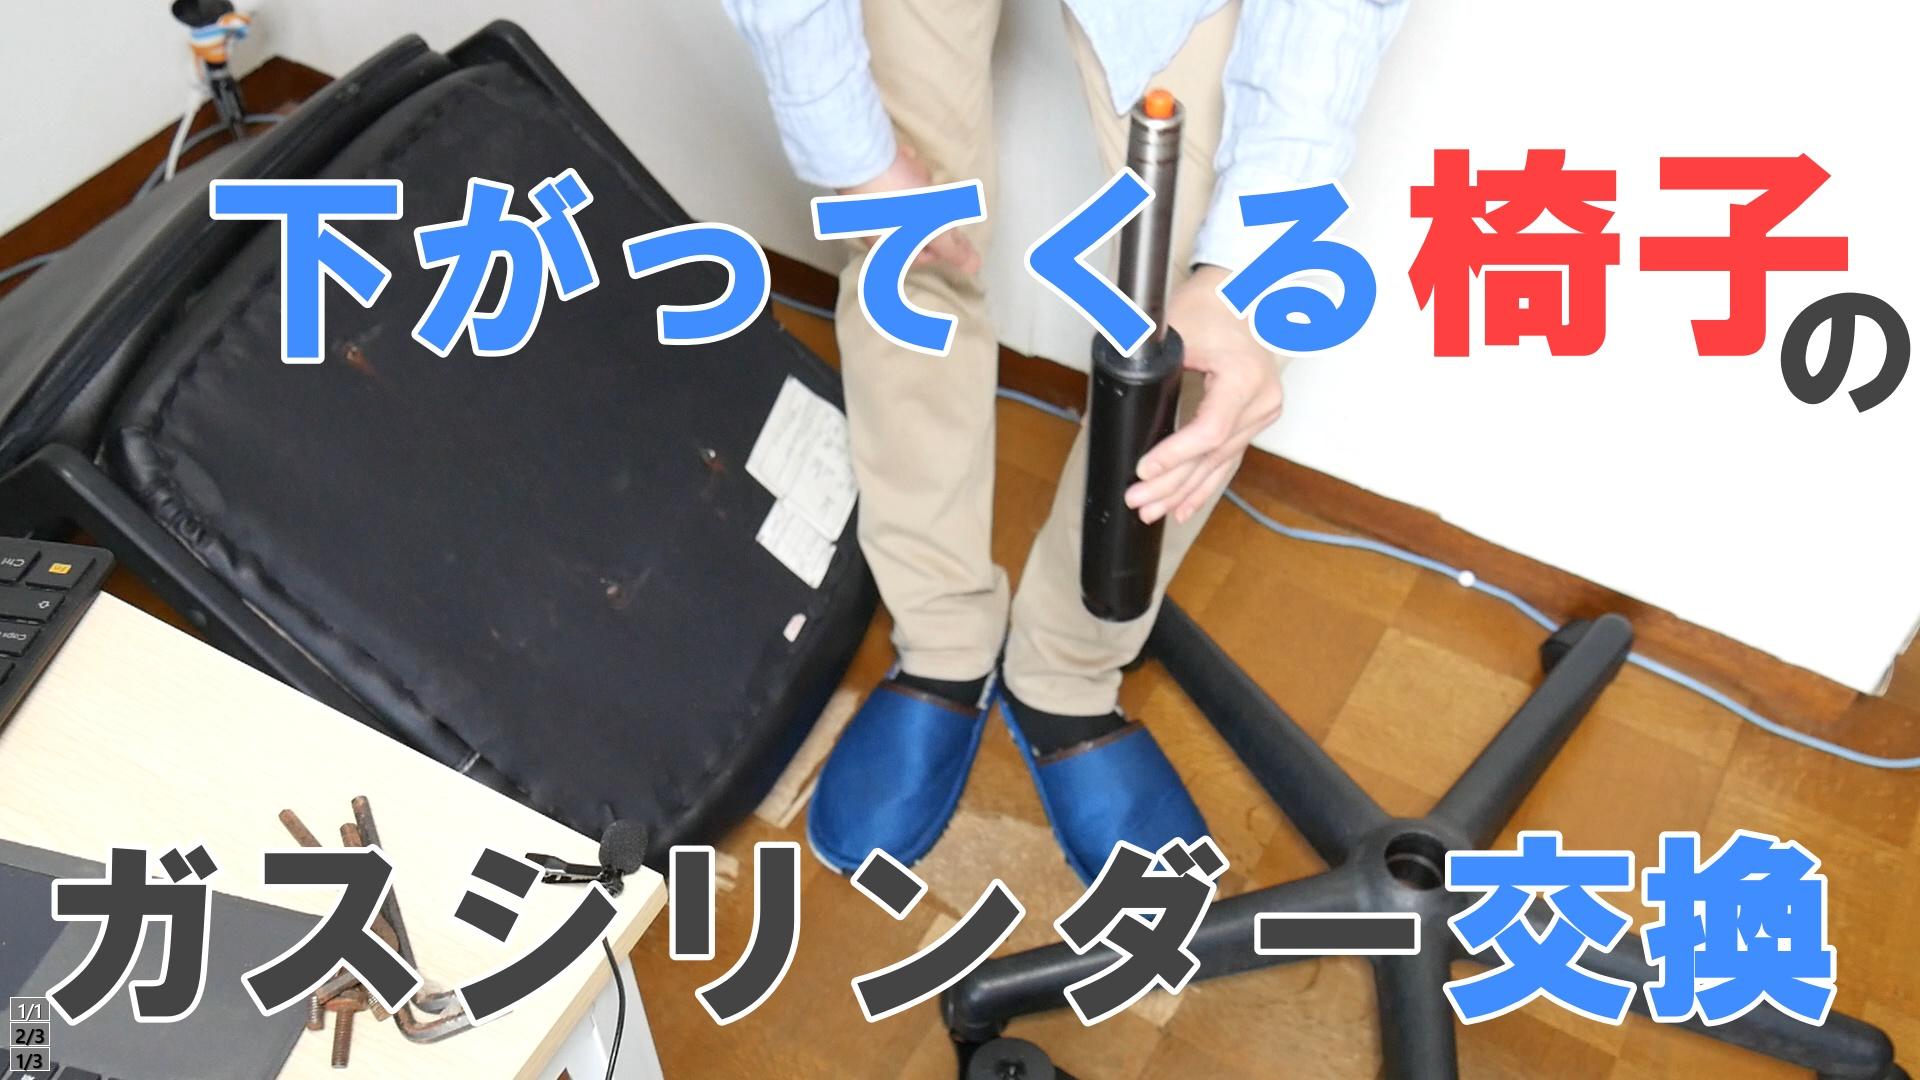 下がってくる椅子のガスシリンダー交換